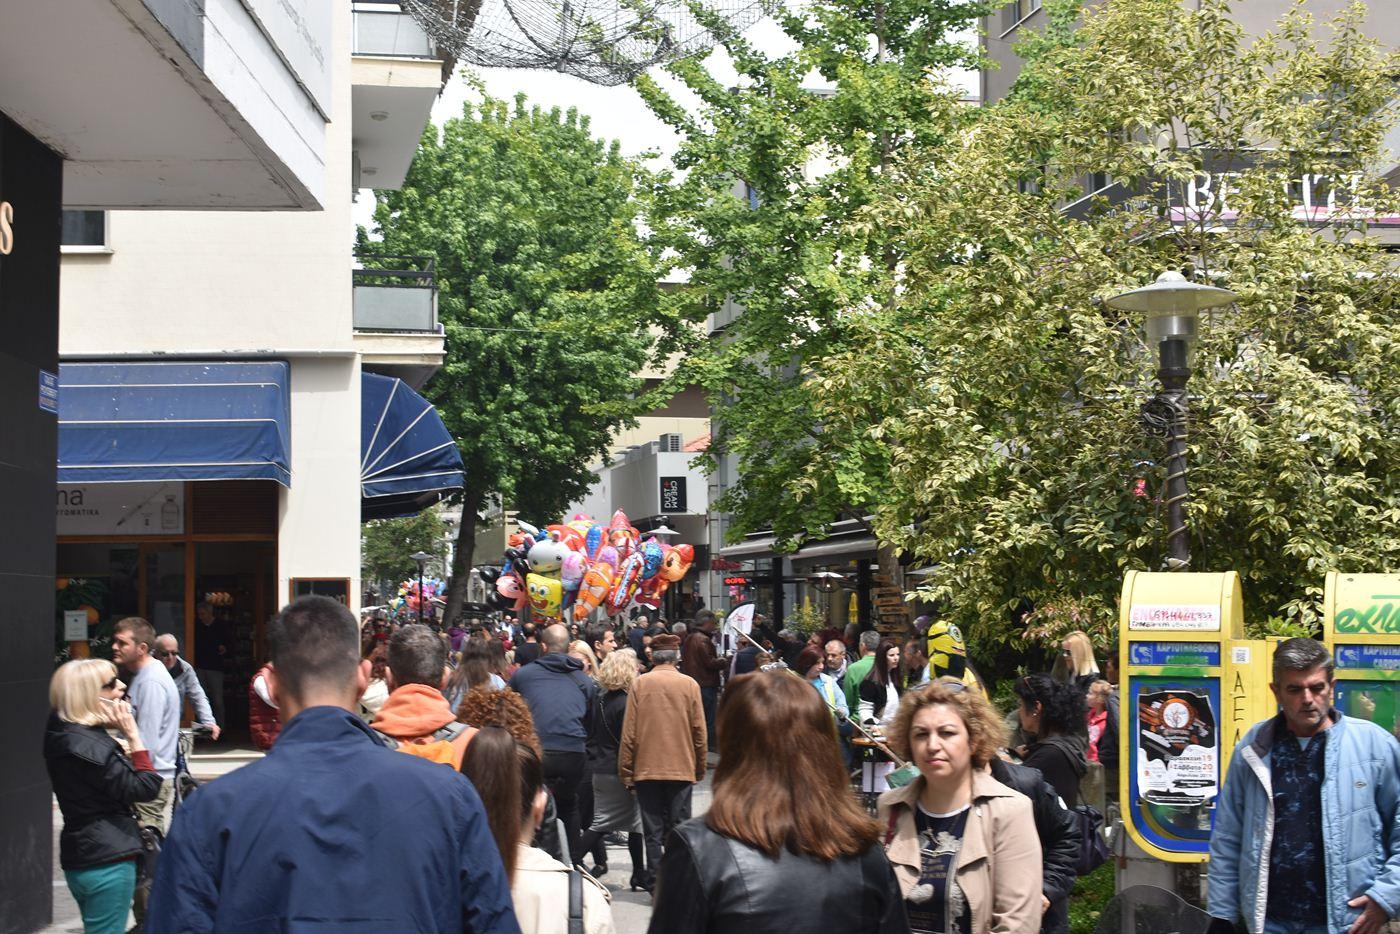 Χαμός από κόσμο στην αγορά της Λάρισας, όχι όμως και στα... ταμεία των εμπορικών - Δείτε φωτορεπορτάζ